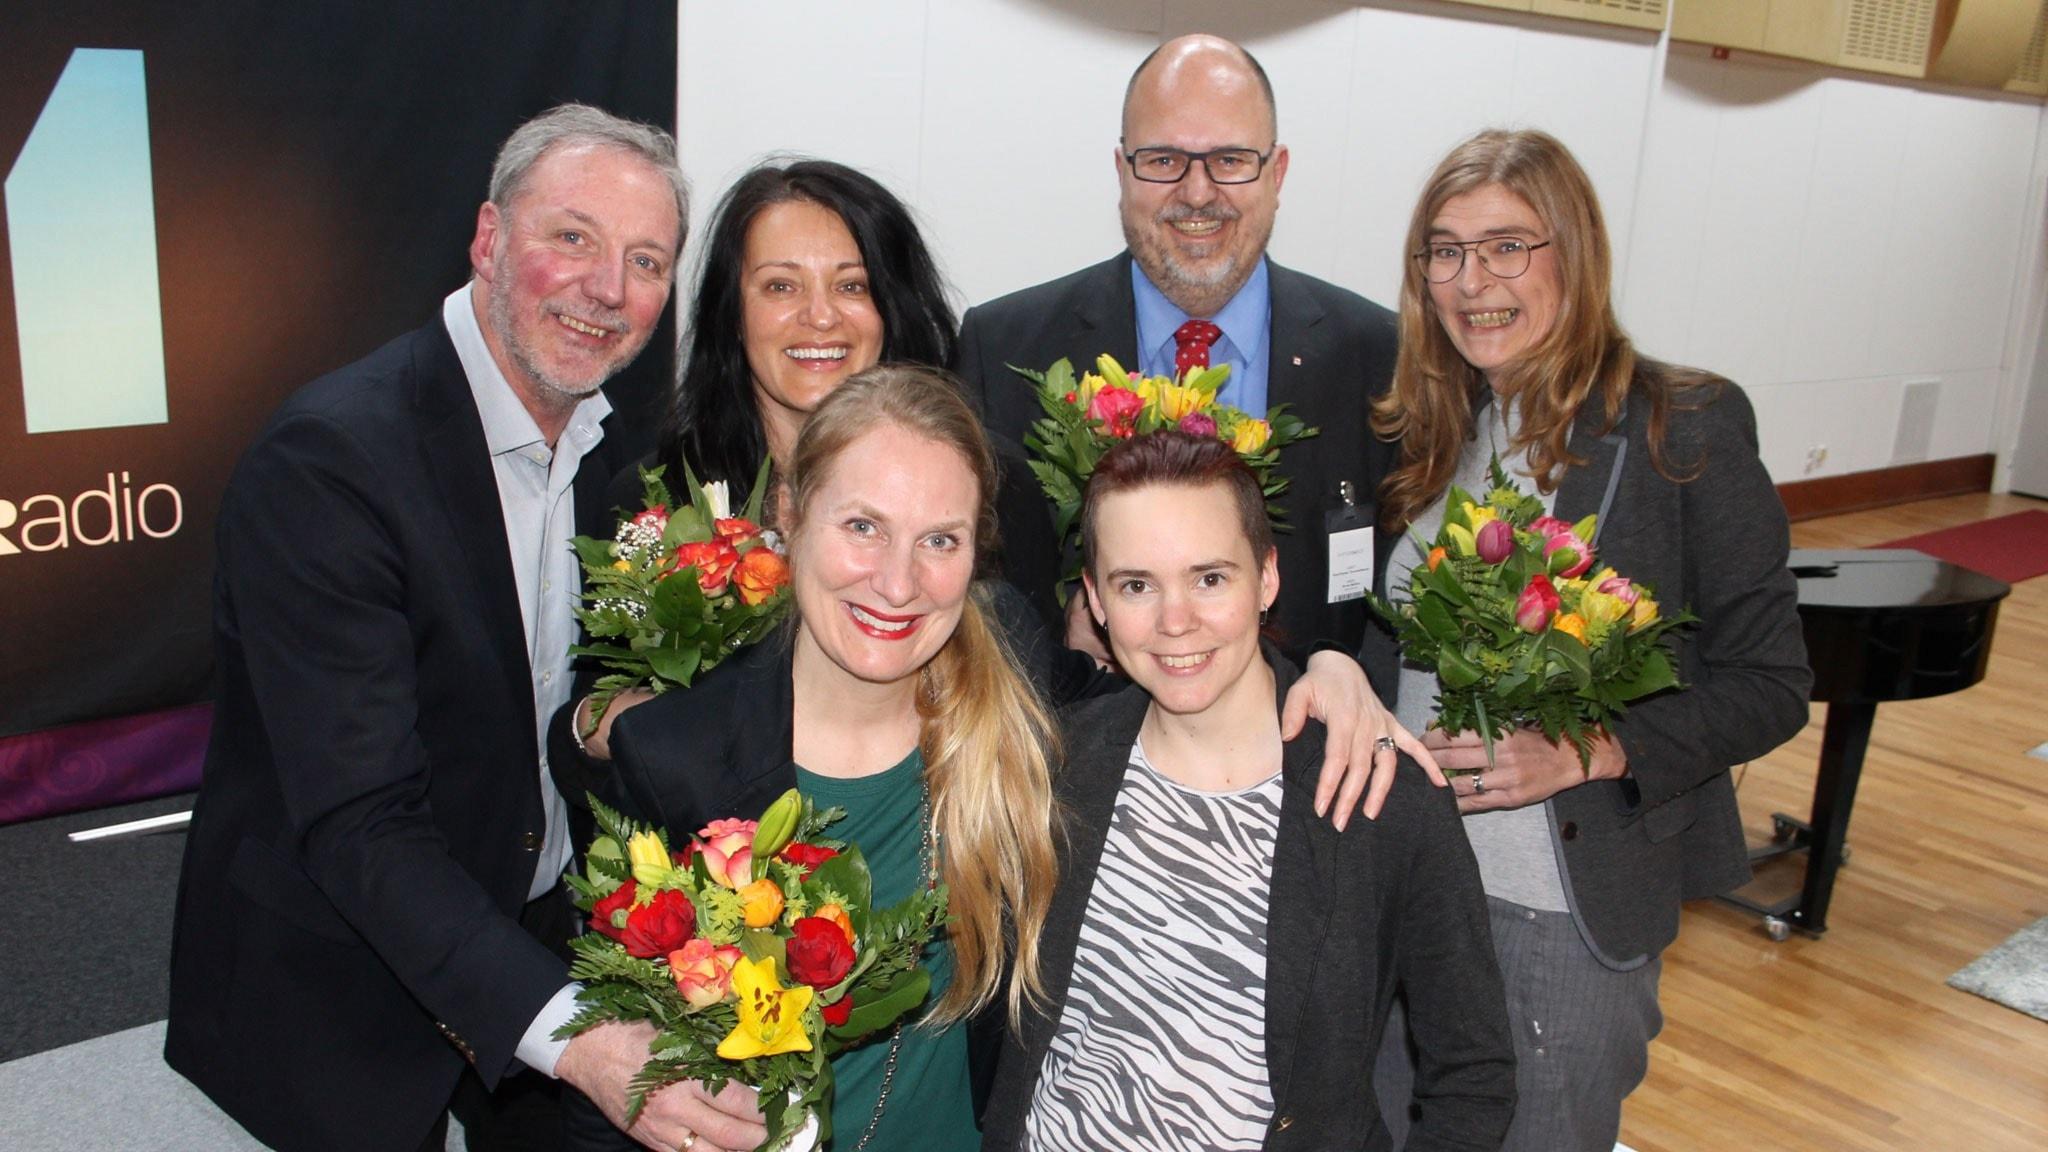 Karl-Petter Thorwaldsson, Therese Guovelin, Marie Söderqvist och Åke Svensson